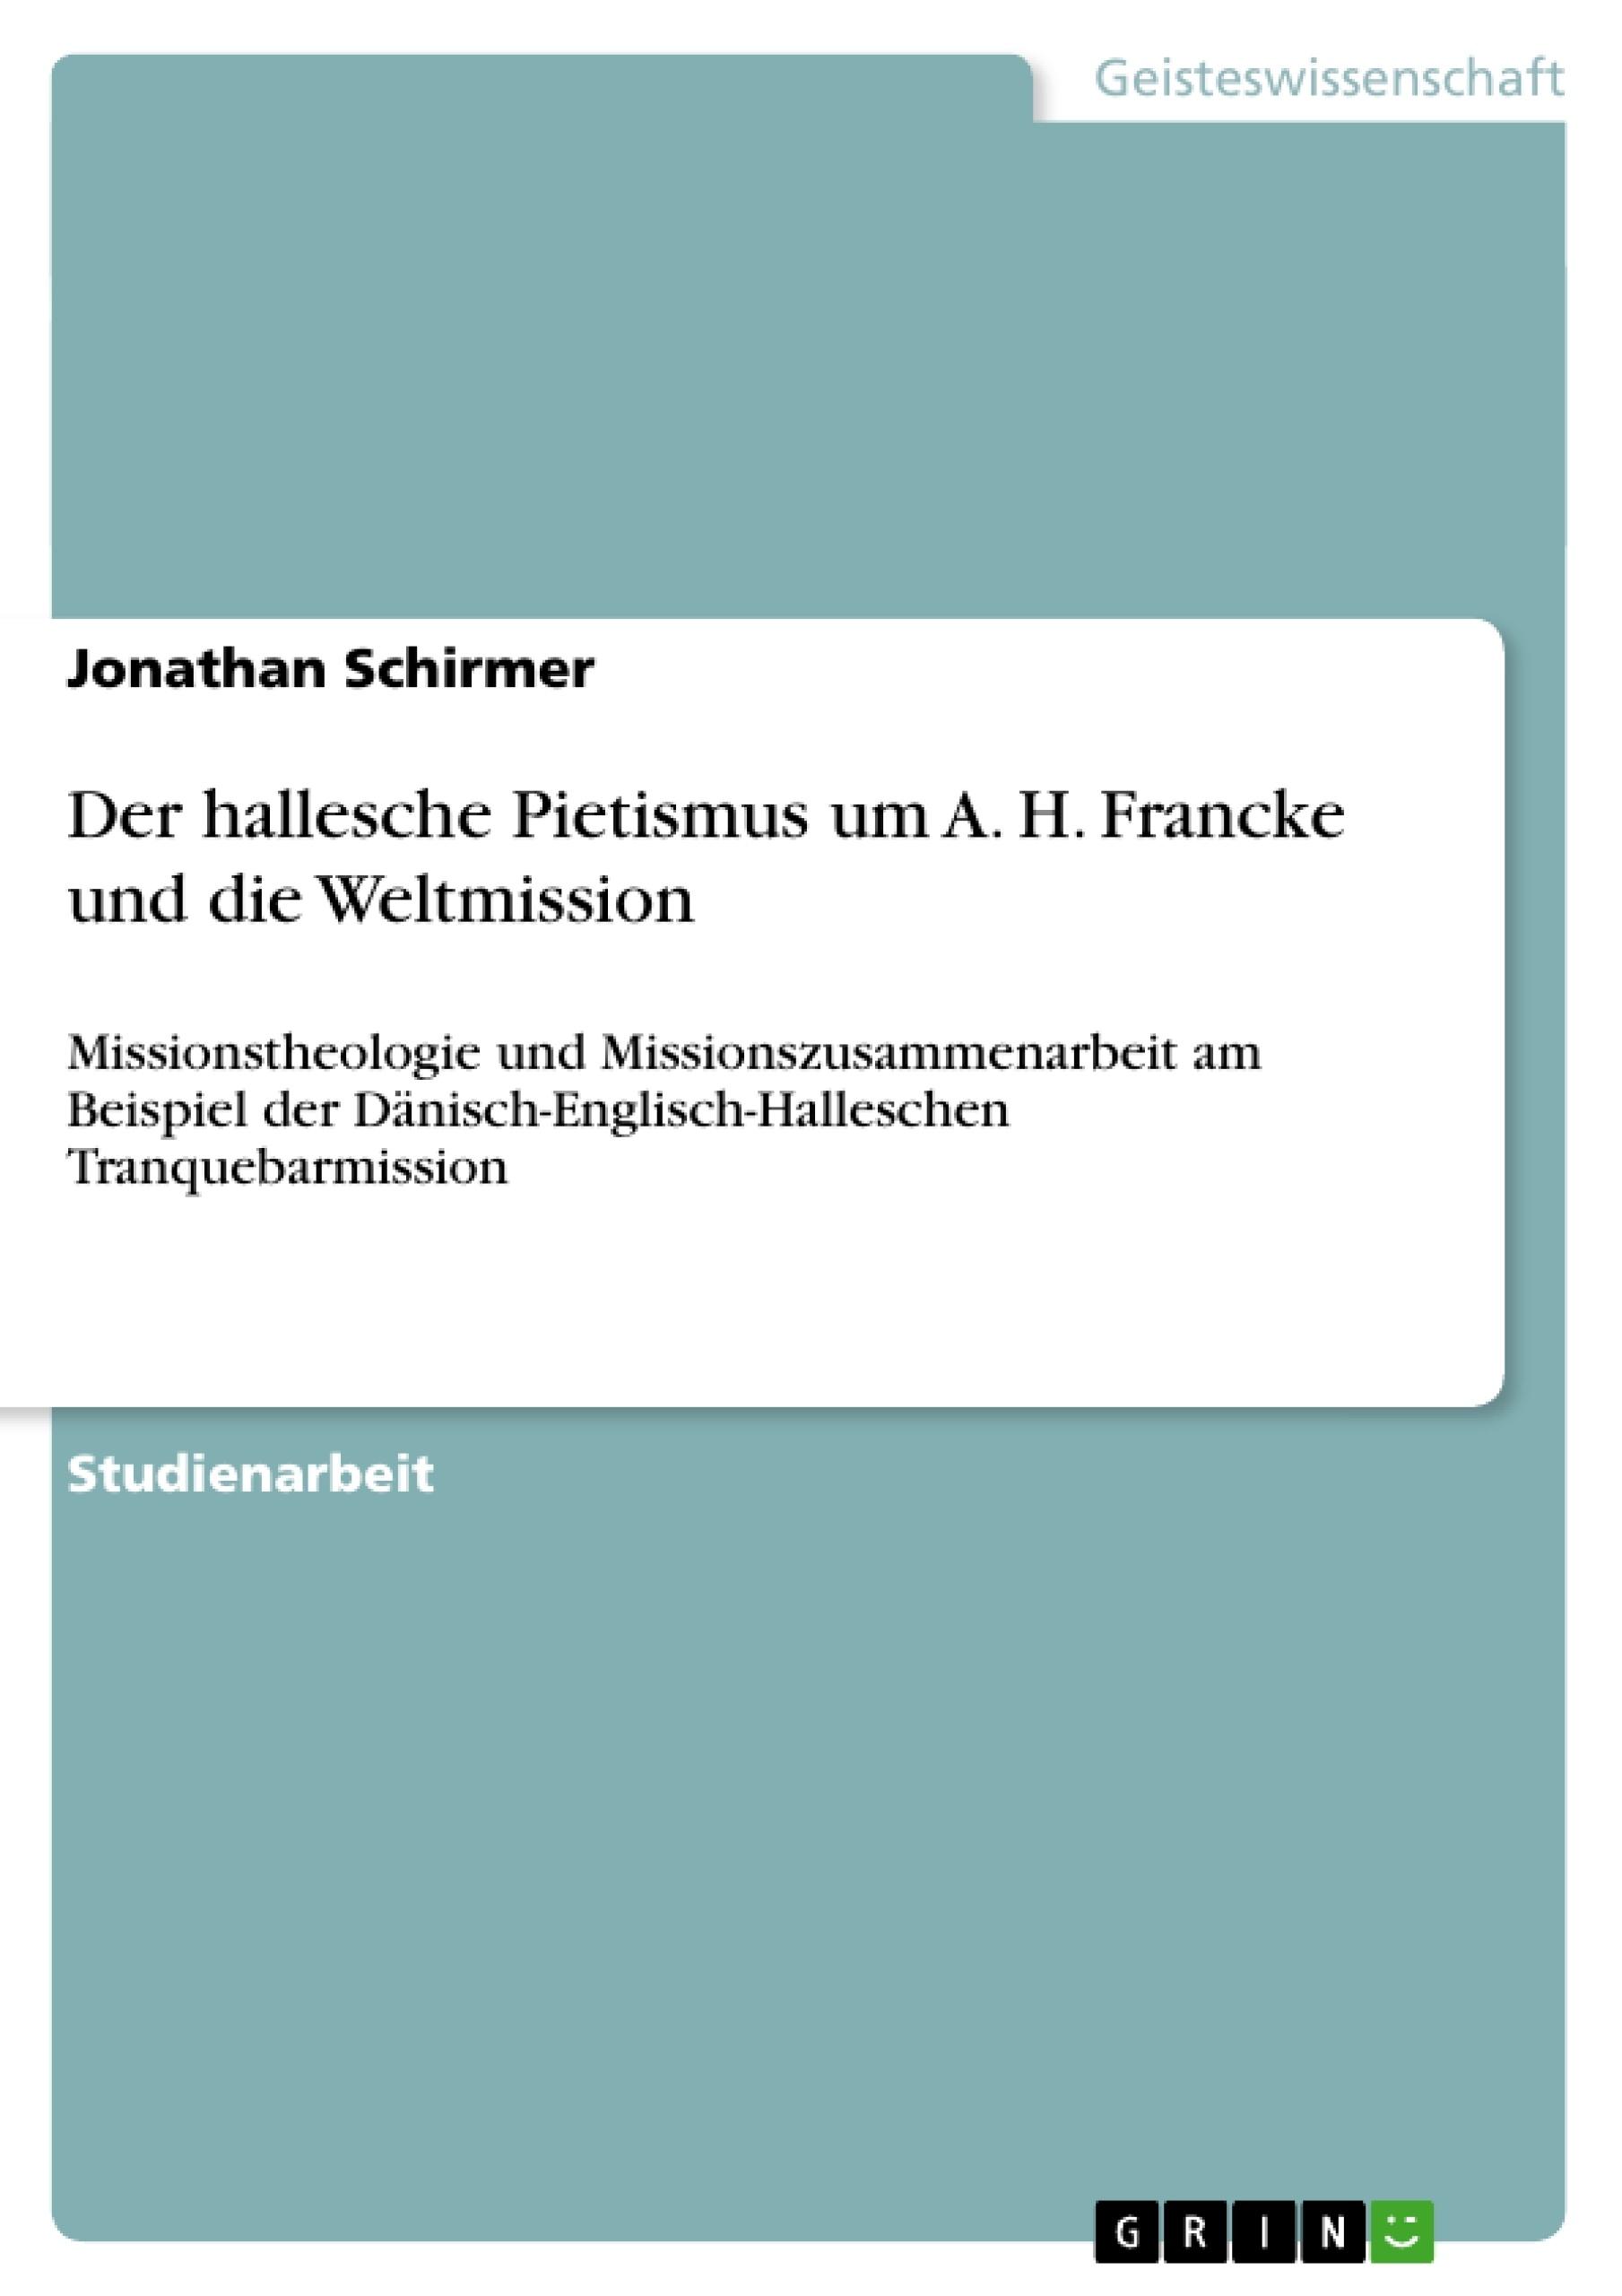 Branden fitelson dissertation